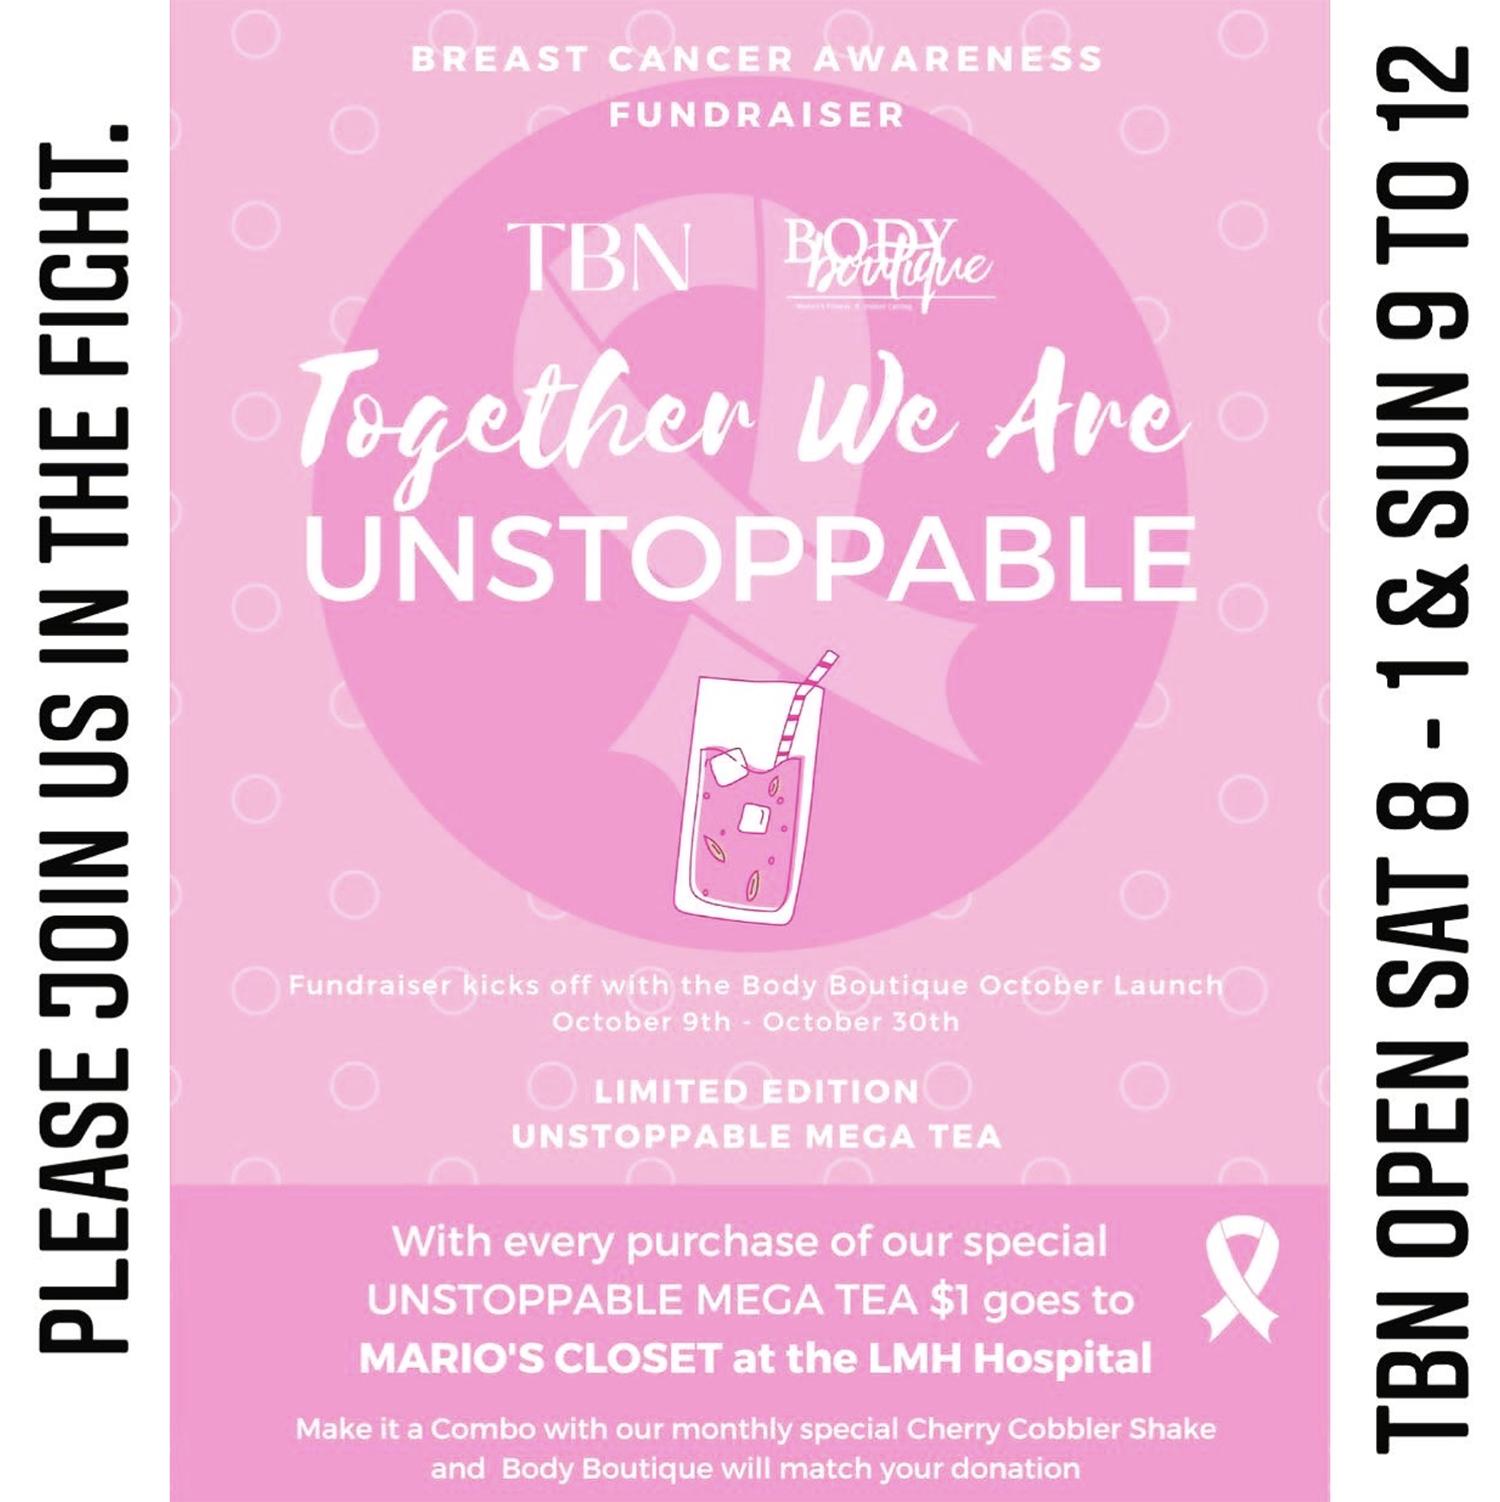 Breast Cancer Awareness Fund Raiser